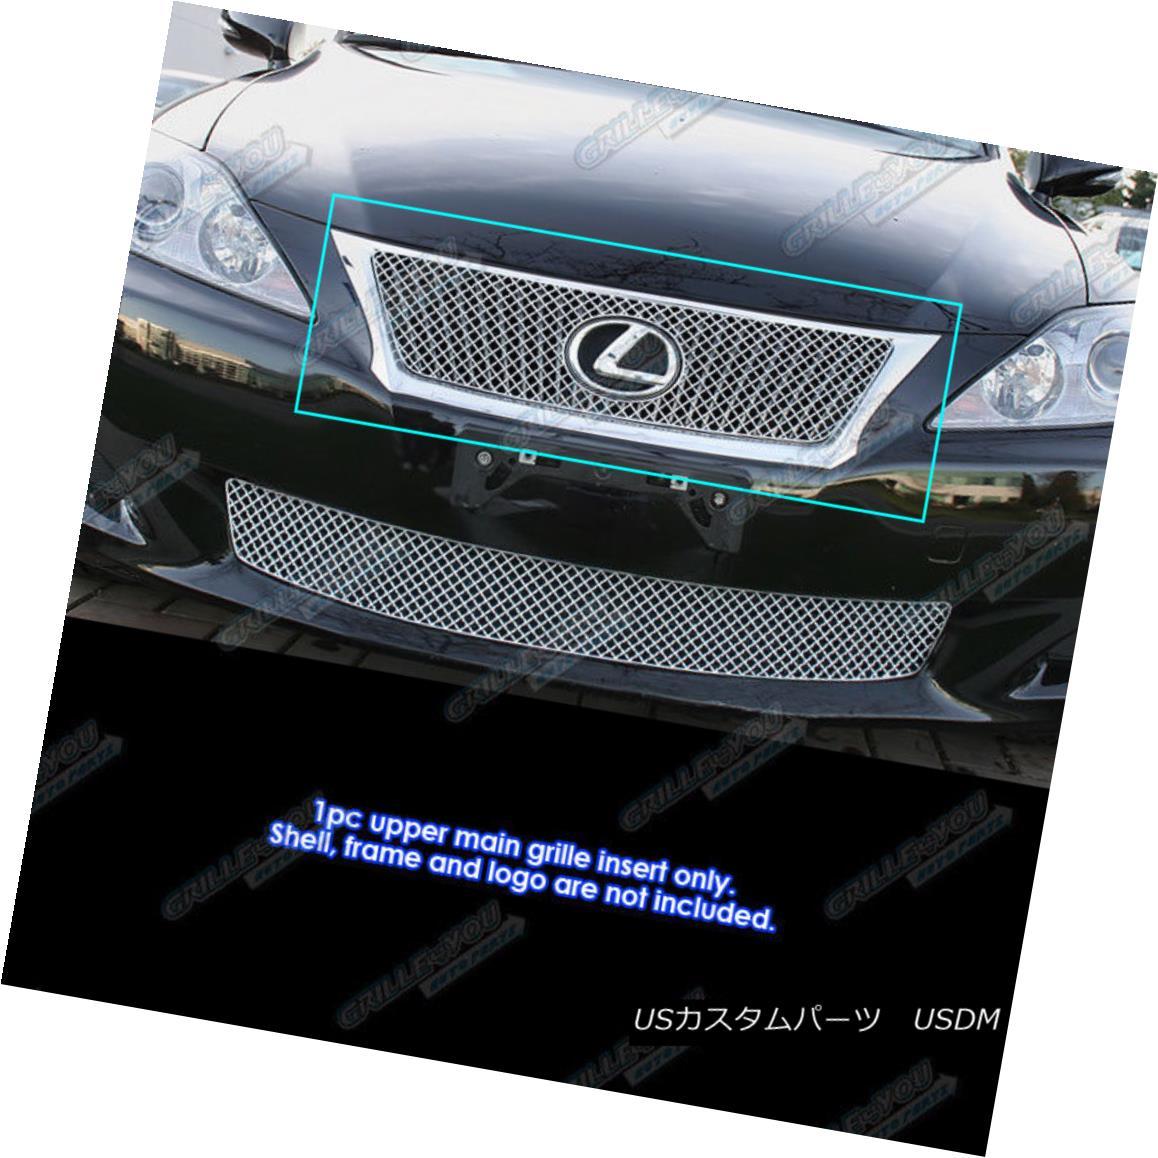 グリル For 2009-2010 Lexus IS 250/IS 350 Stainless Steel X Mesh Grille Insert 2009-2010年Lexus IS 250 / IS 350ステンレス鋼Xメッシュグリルインサート